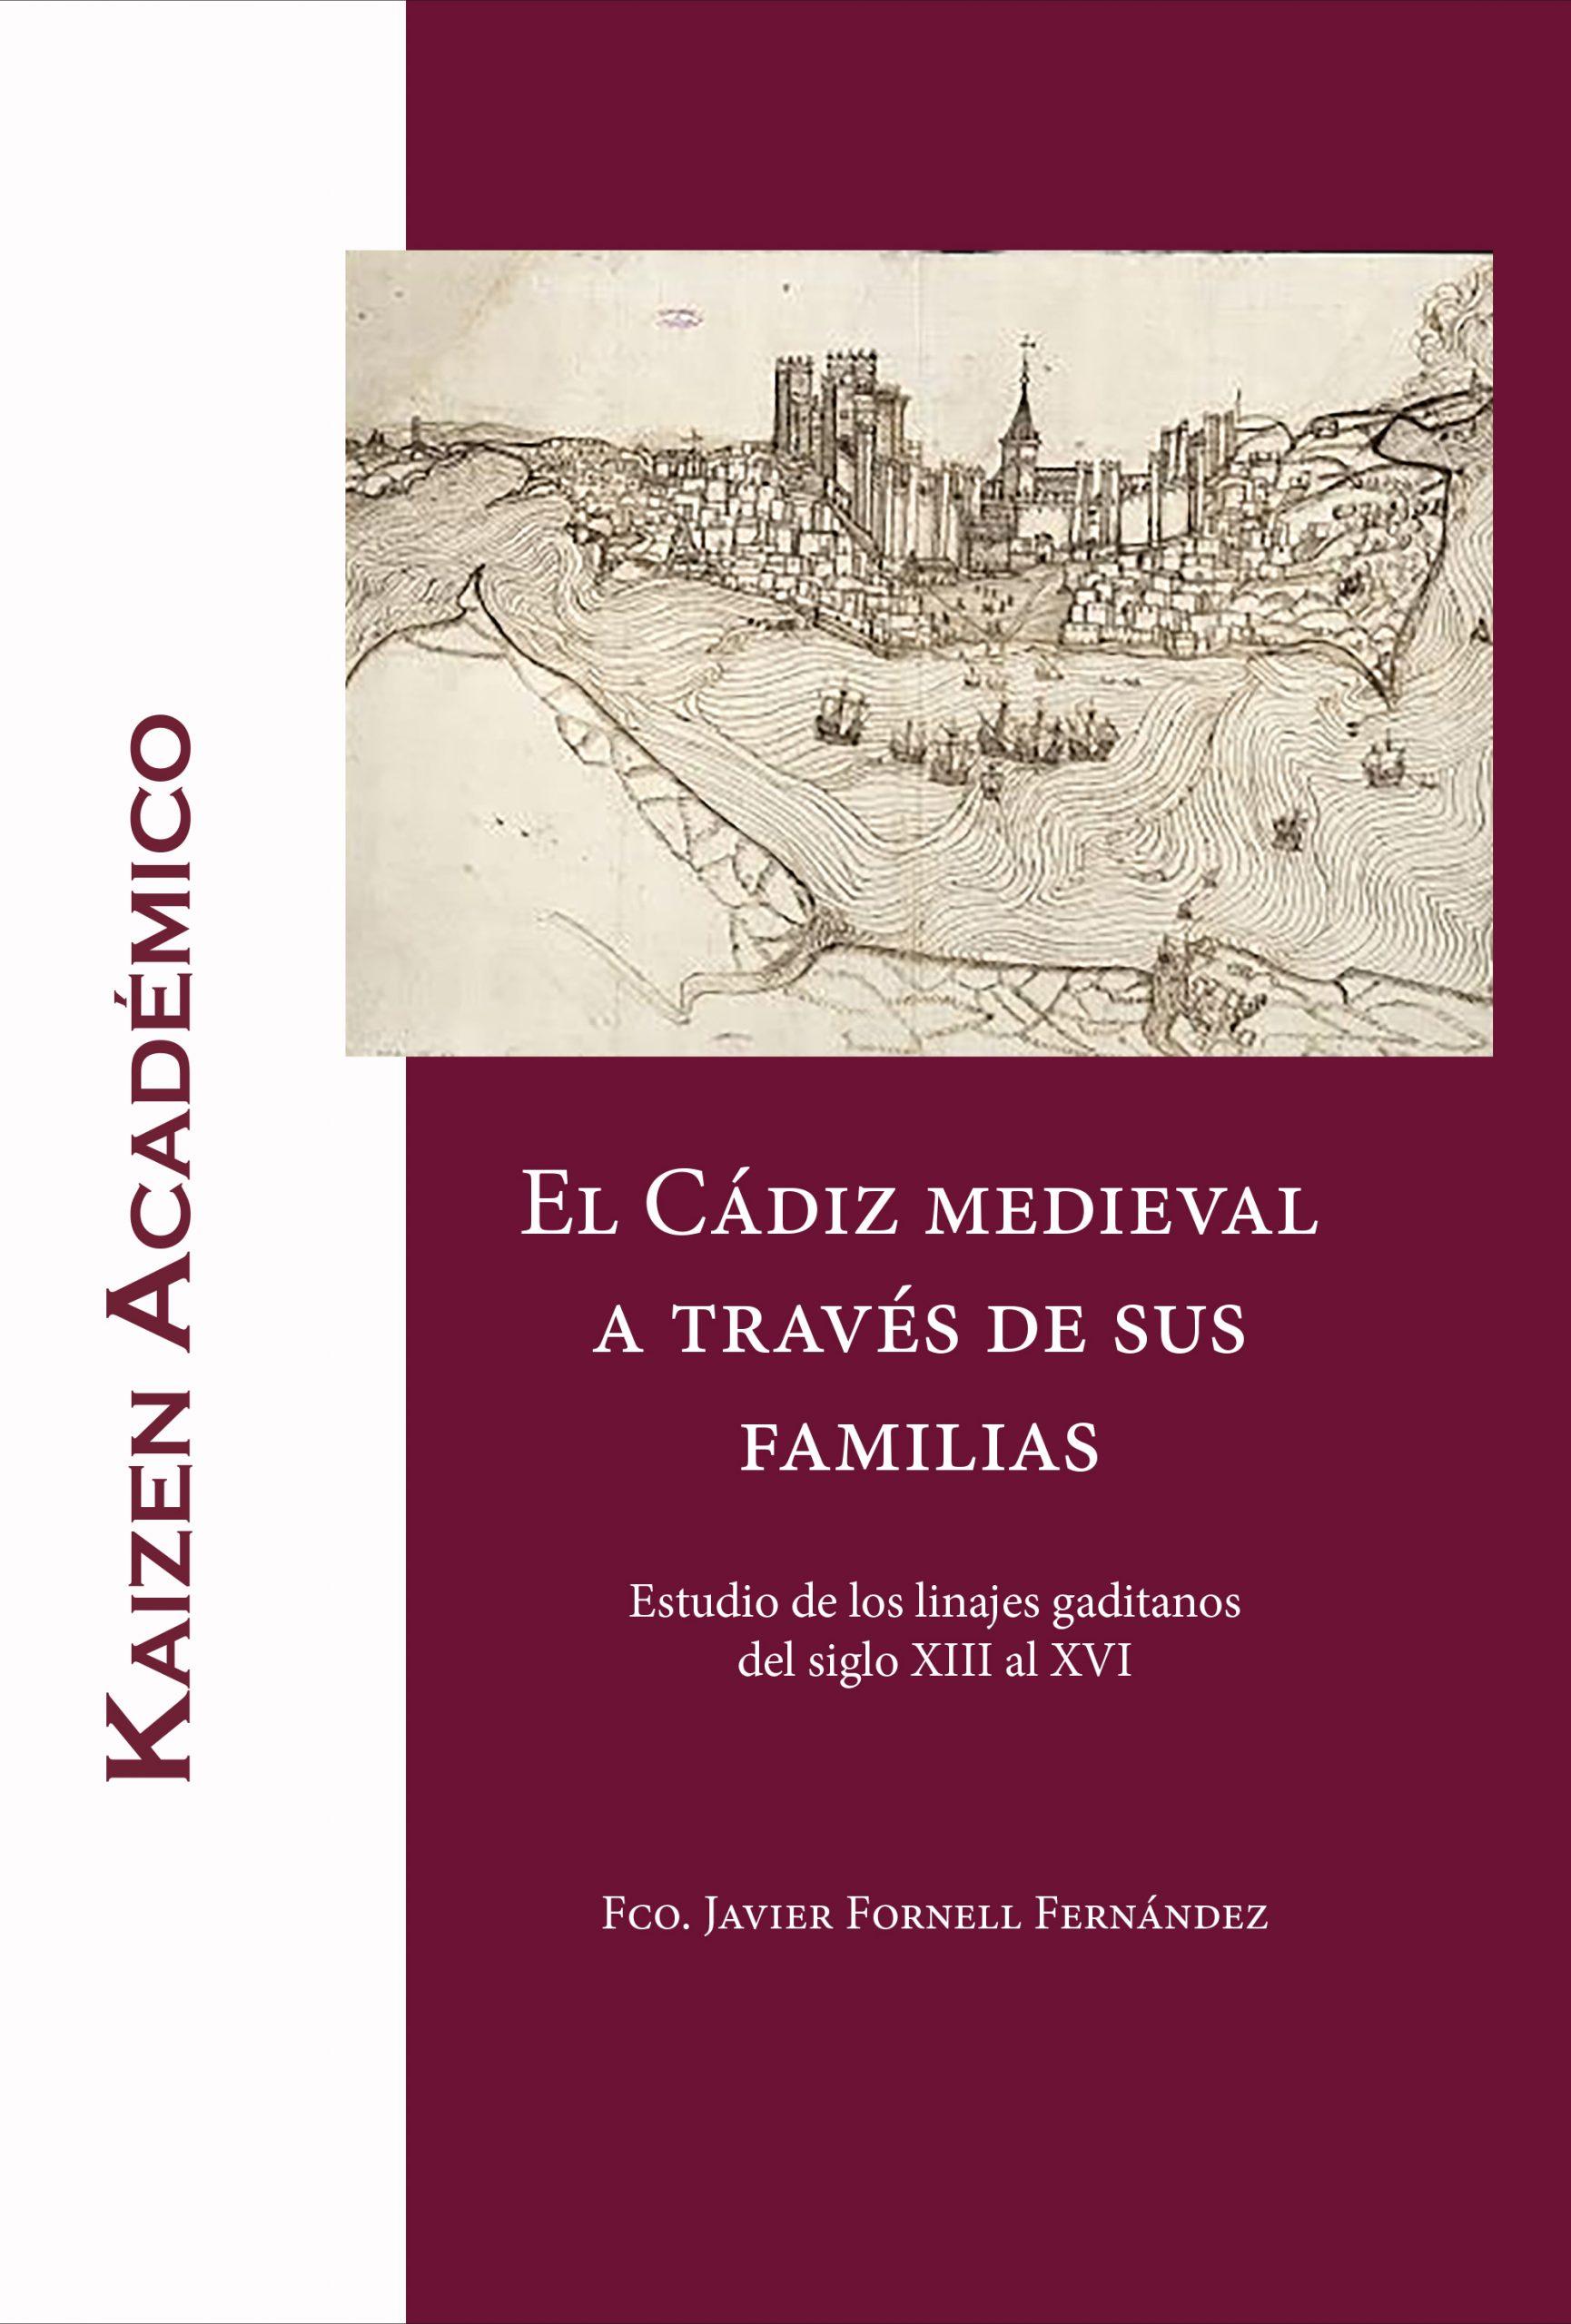 El Cádiz medieval a través de sus familias